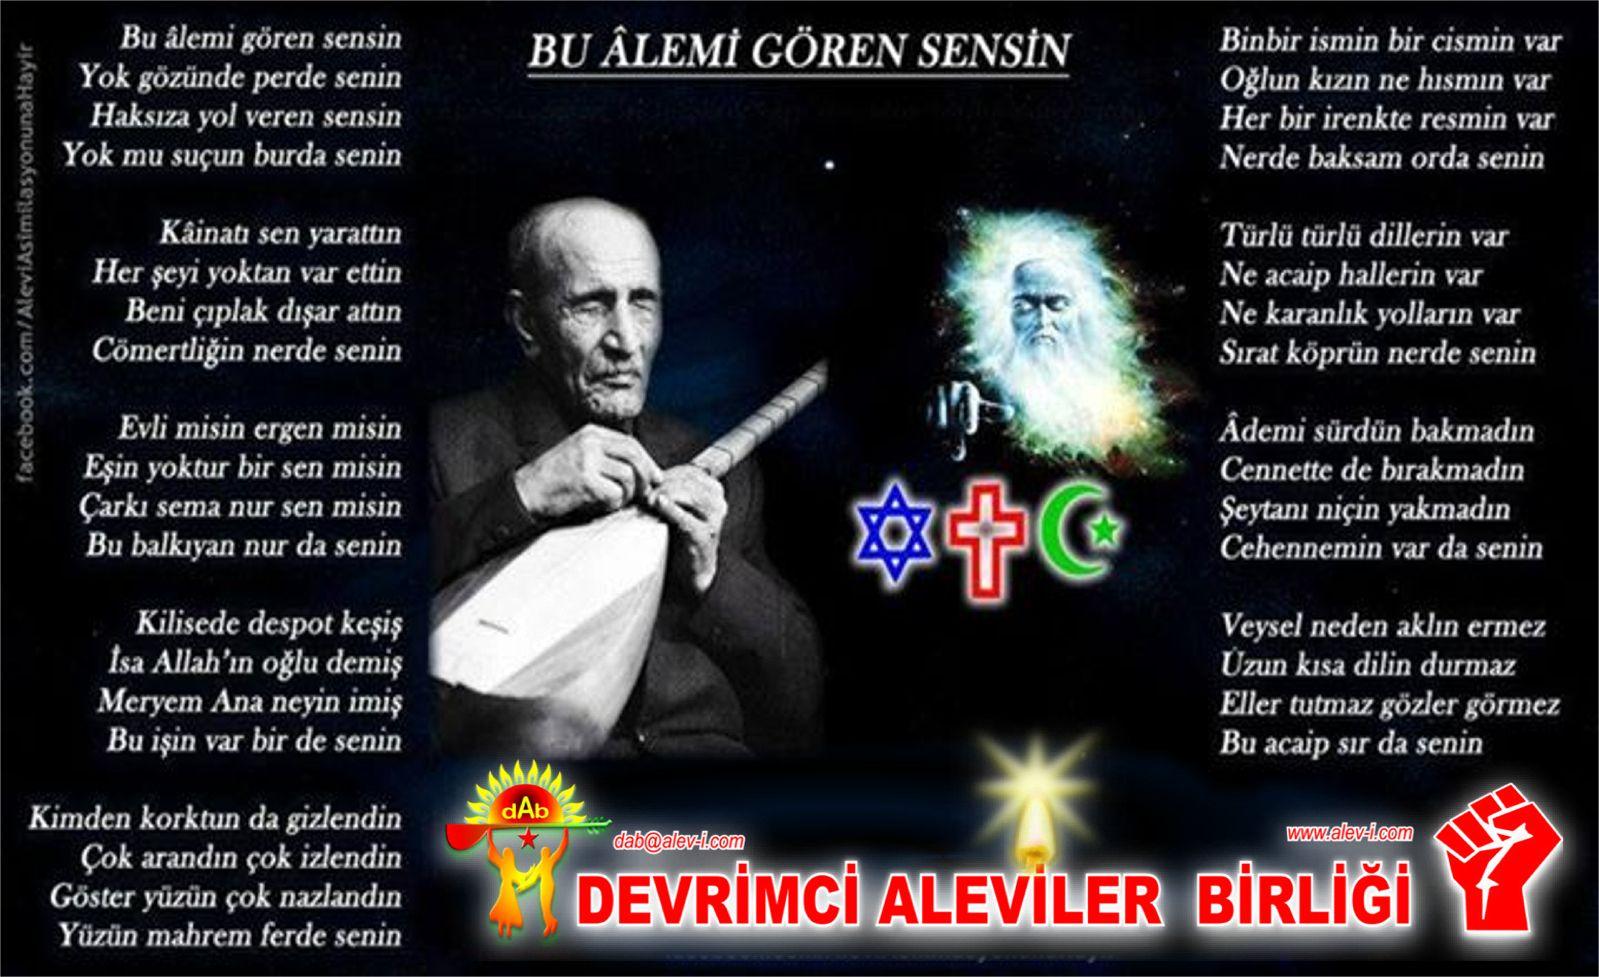 Alevi Bektaşi Kızılbaş Pir Sultan Devrimci Aleviler Birliği DAB tanrı tanri allah 2